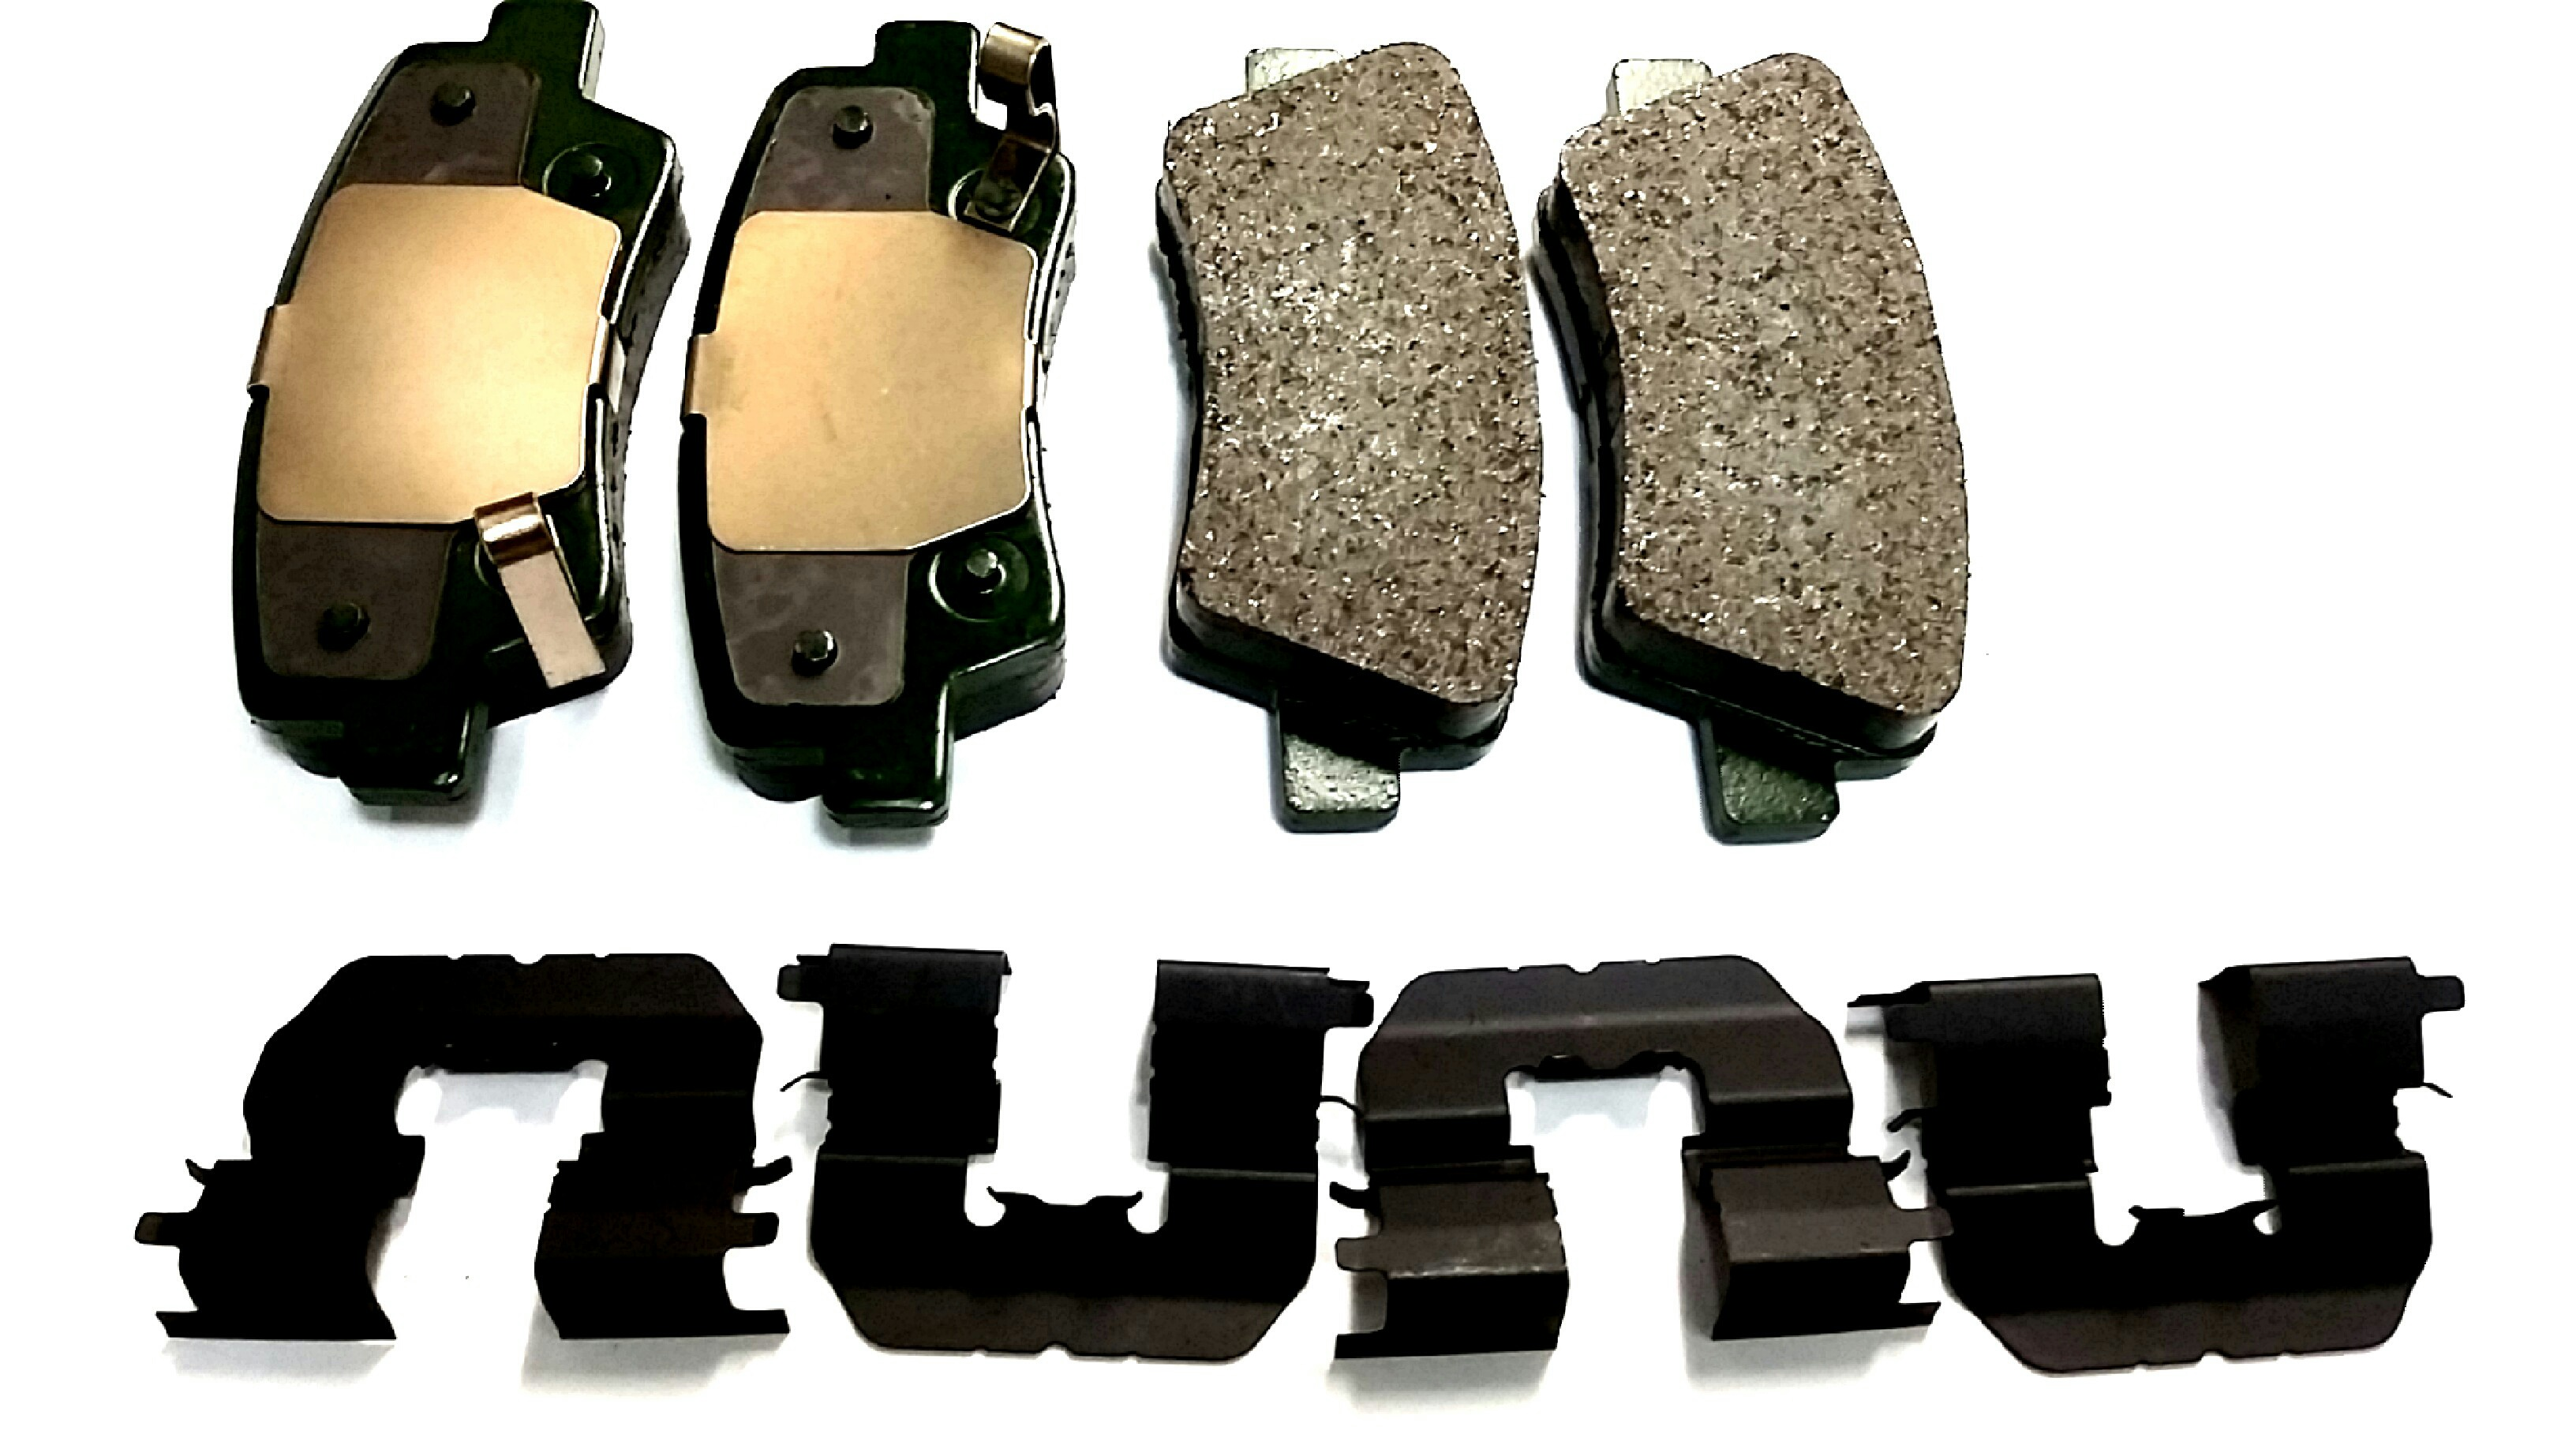 2011 Hyundai Sonata Pad Kit Rear Rear Rr Disc Brake